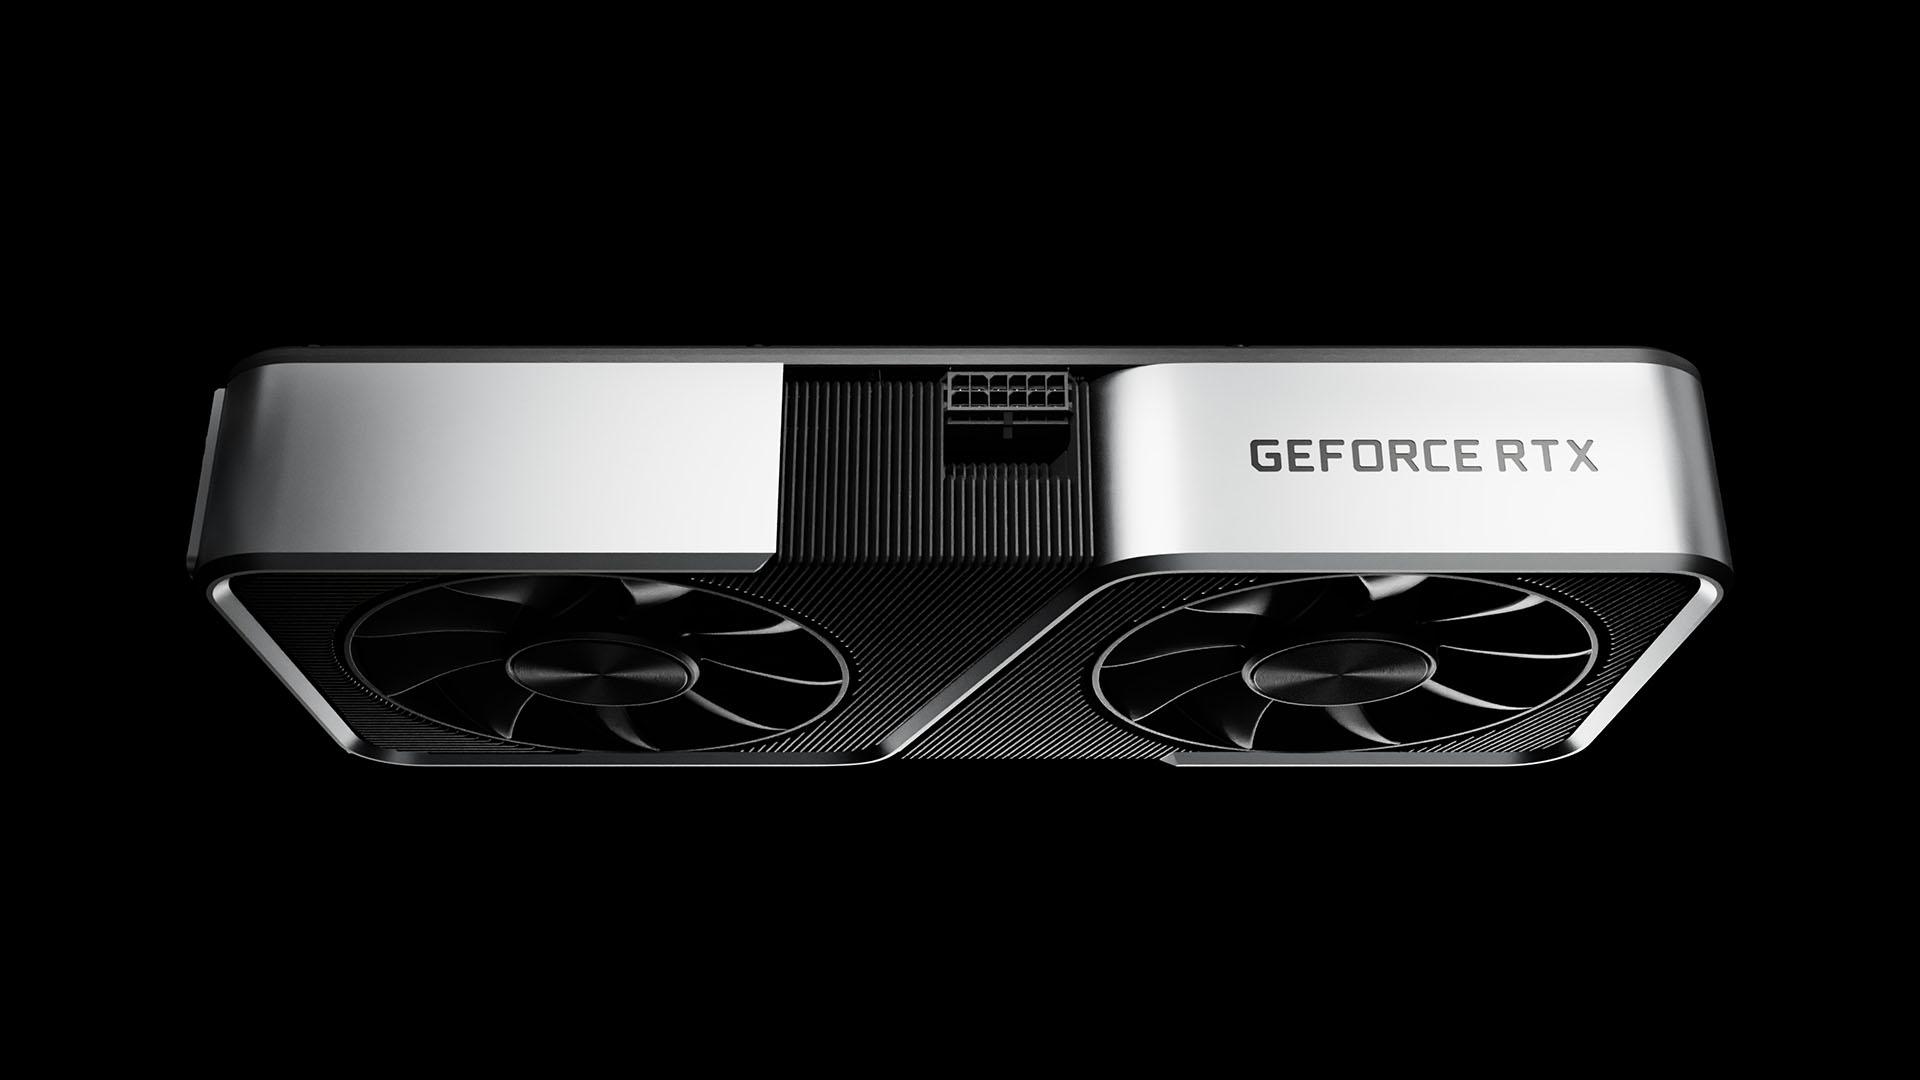 Nvidia a un plan pour que les mineurs de cryptomonnaies cessent de pénaliser les joueurs